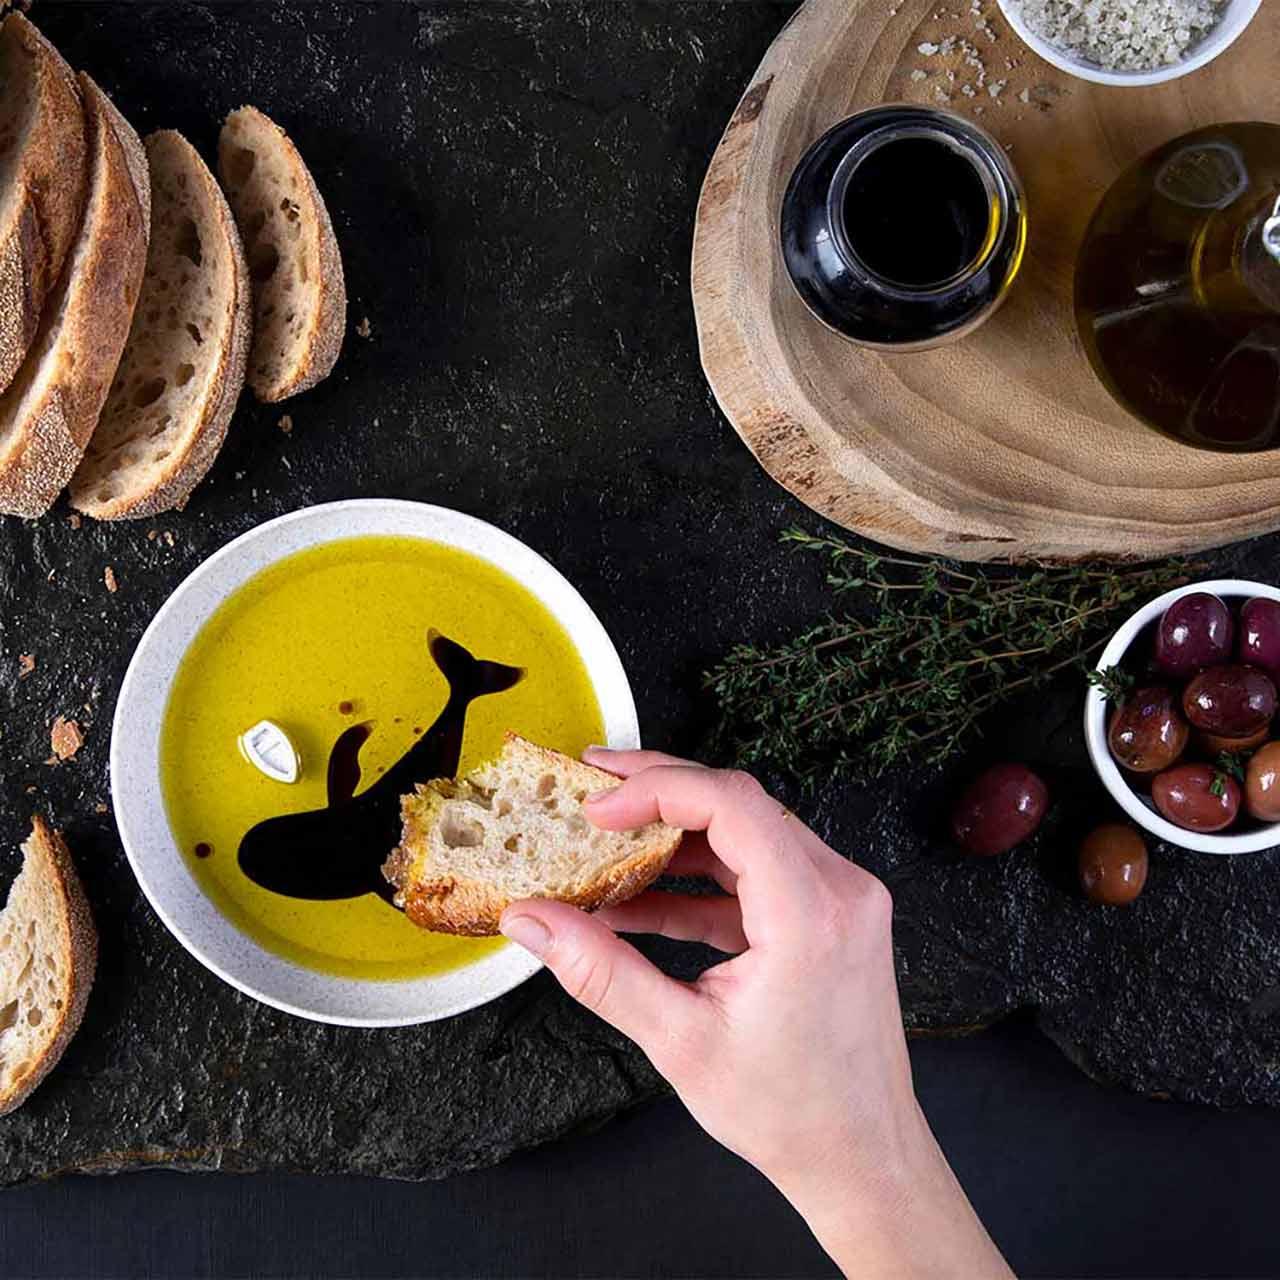 Peleg Design Dip Sea Oil And Vinegar Dipping Dish | the design gift shop